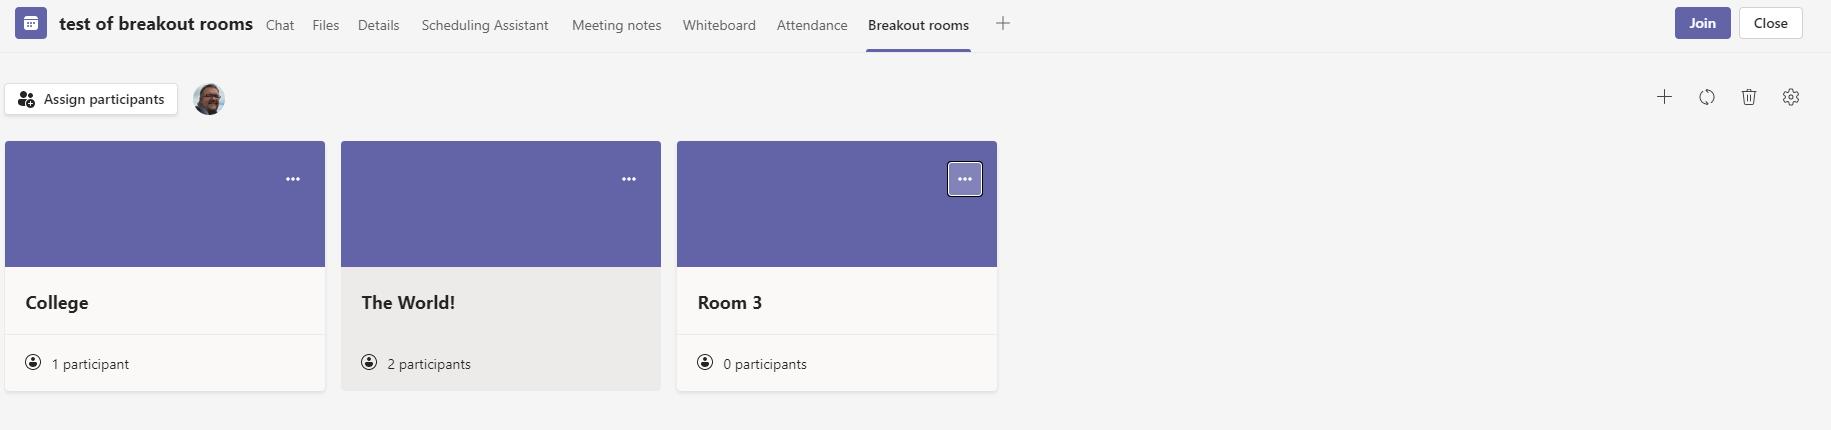 Editing General Breakout Rooms settings